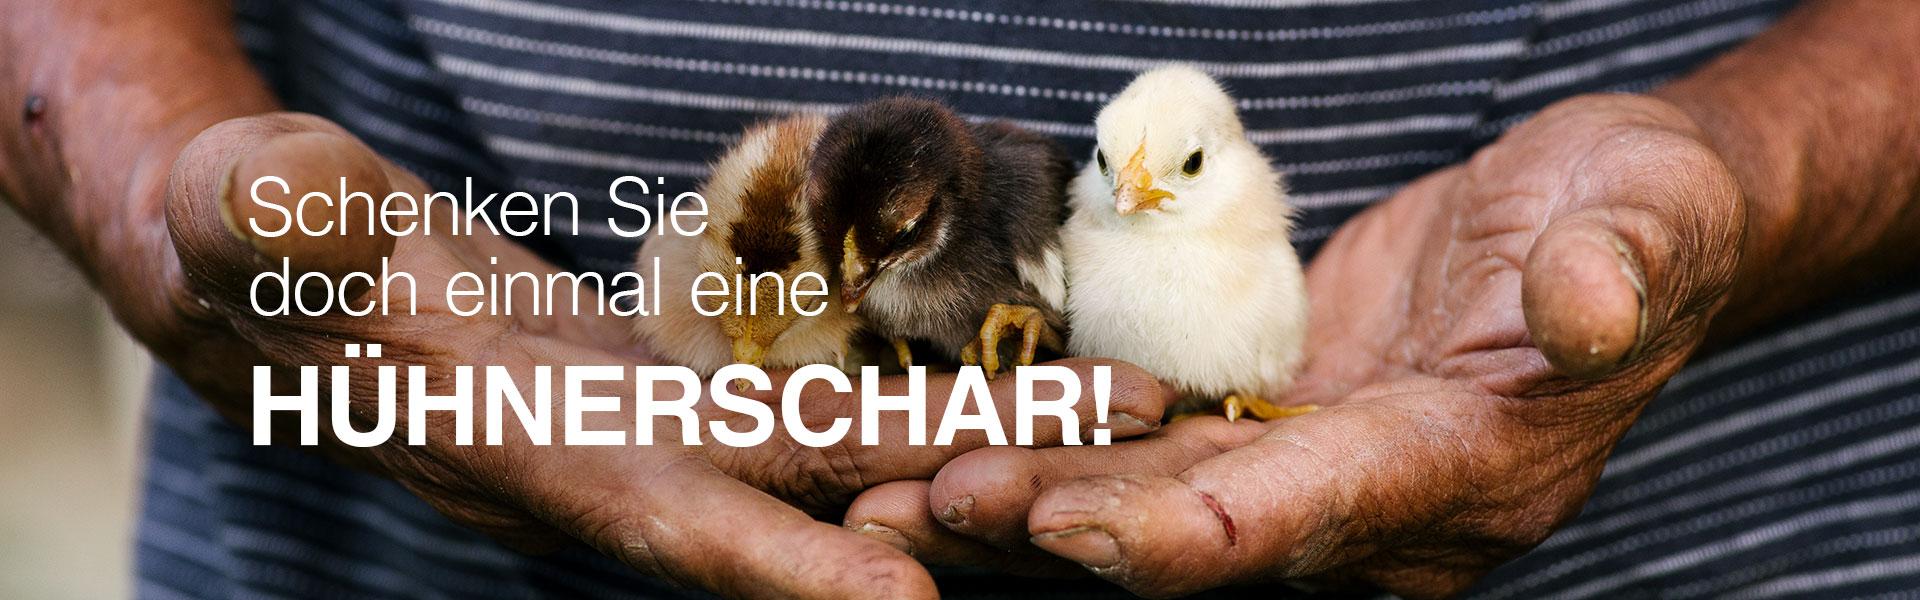 Schenken Sie doch mal eine Hühnerschar !